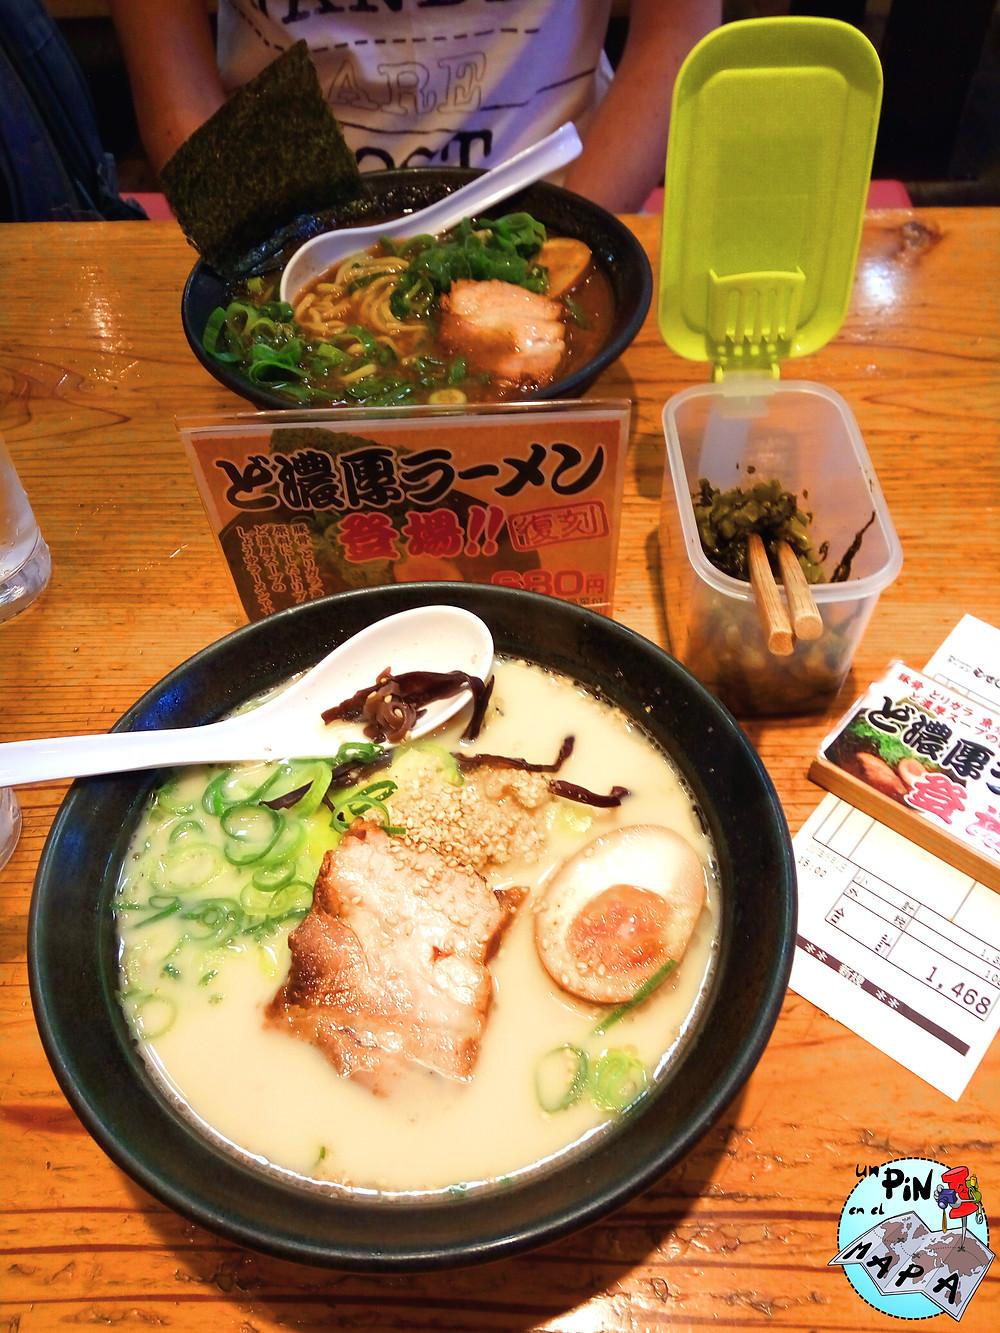 Comer barato en Japón | Un Pin en el Mapa